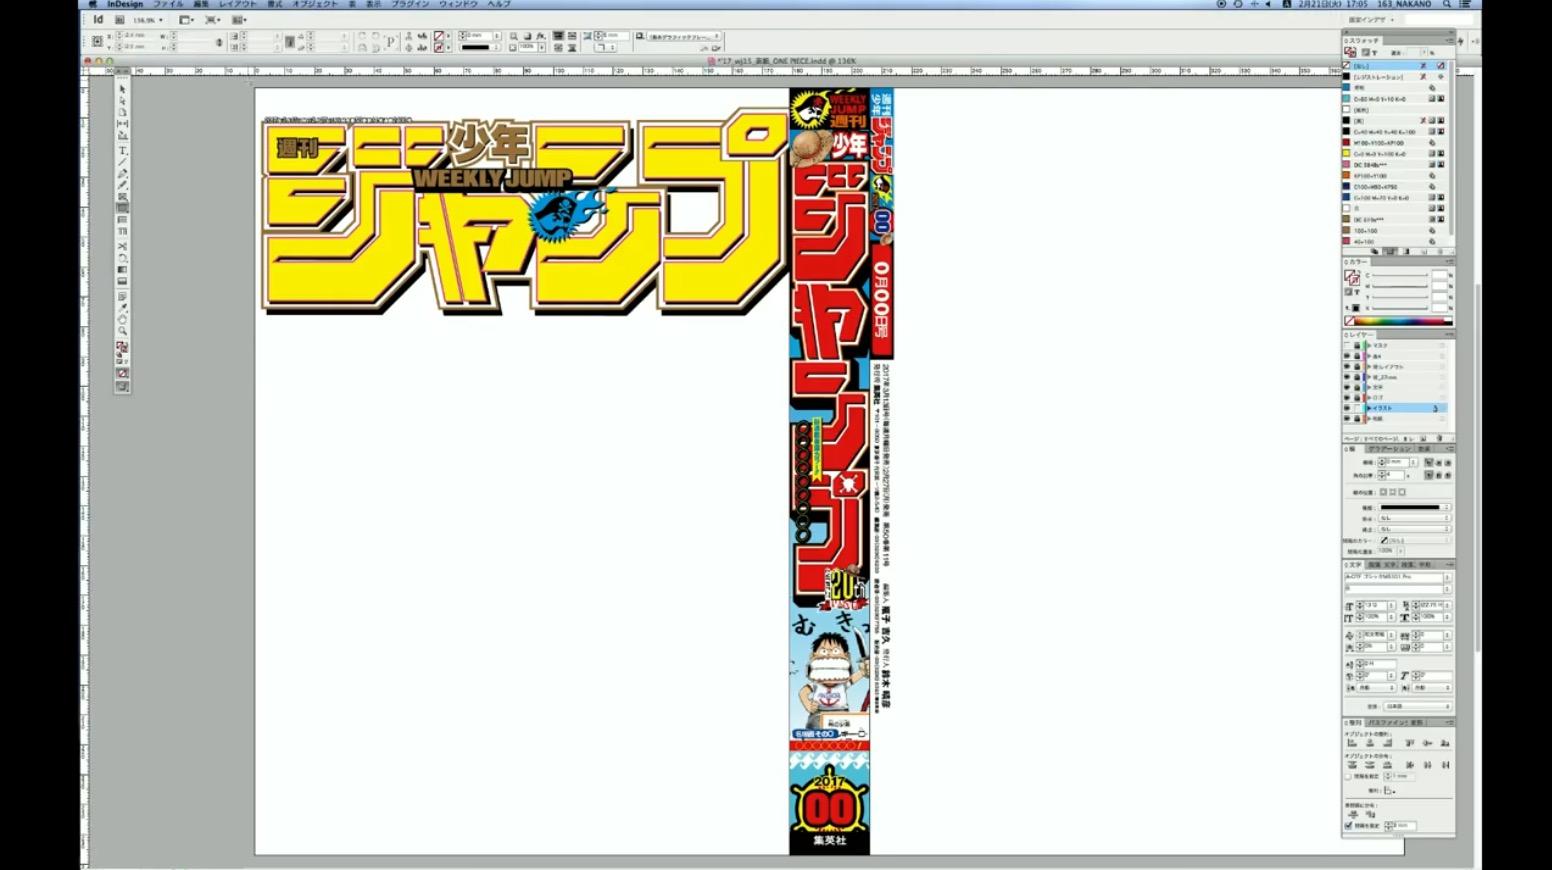 【職人技】デザイナーが「週刊少年ジャンプ」の表紙を作る早回し動画が初公開!魂は細部に宿る!!